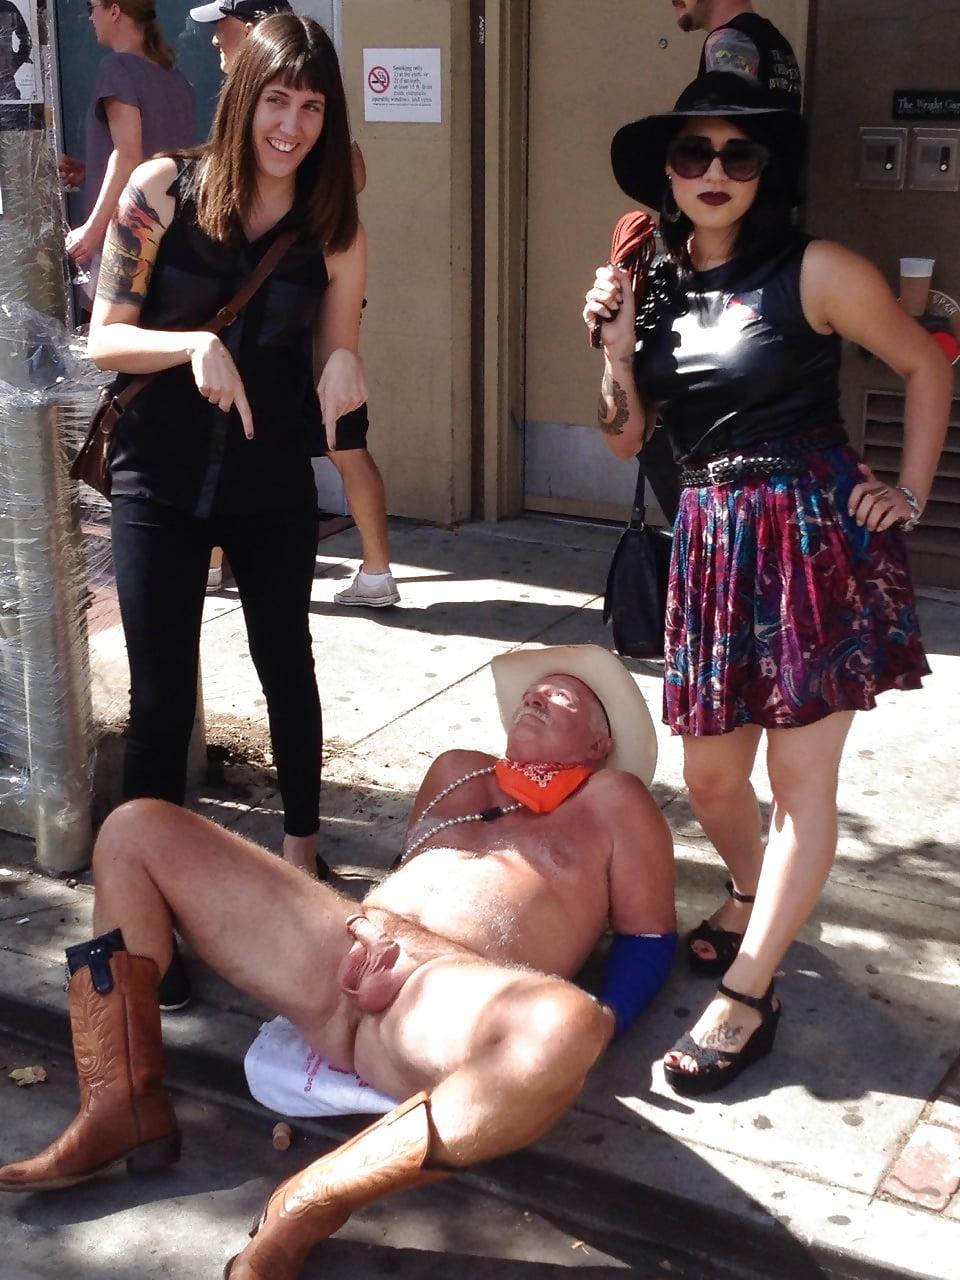 Humiliation cock mistress public